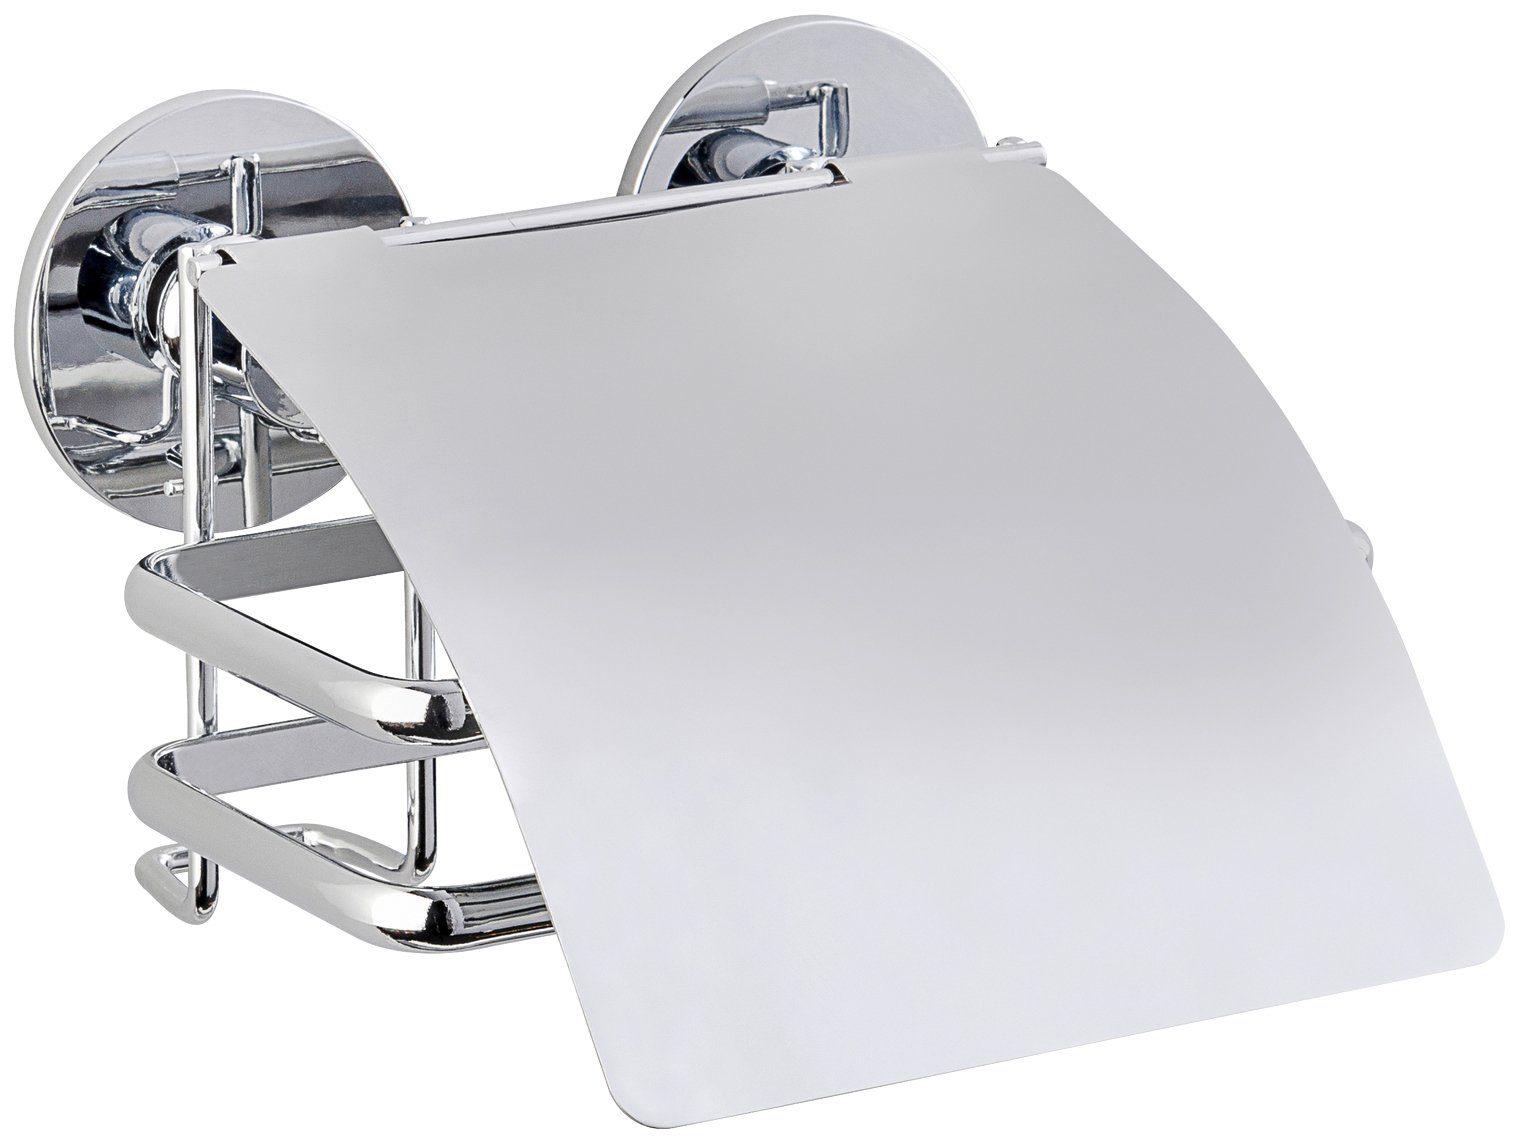 WENKO Toilettenpapierhalter »Express-Loc Cali«, Mit Deckel